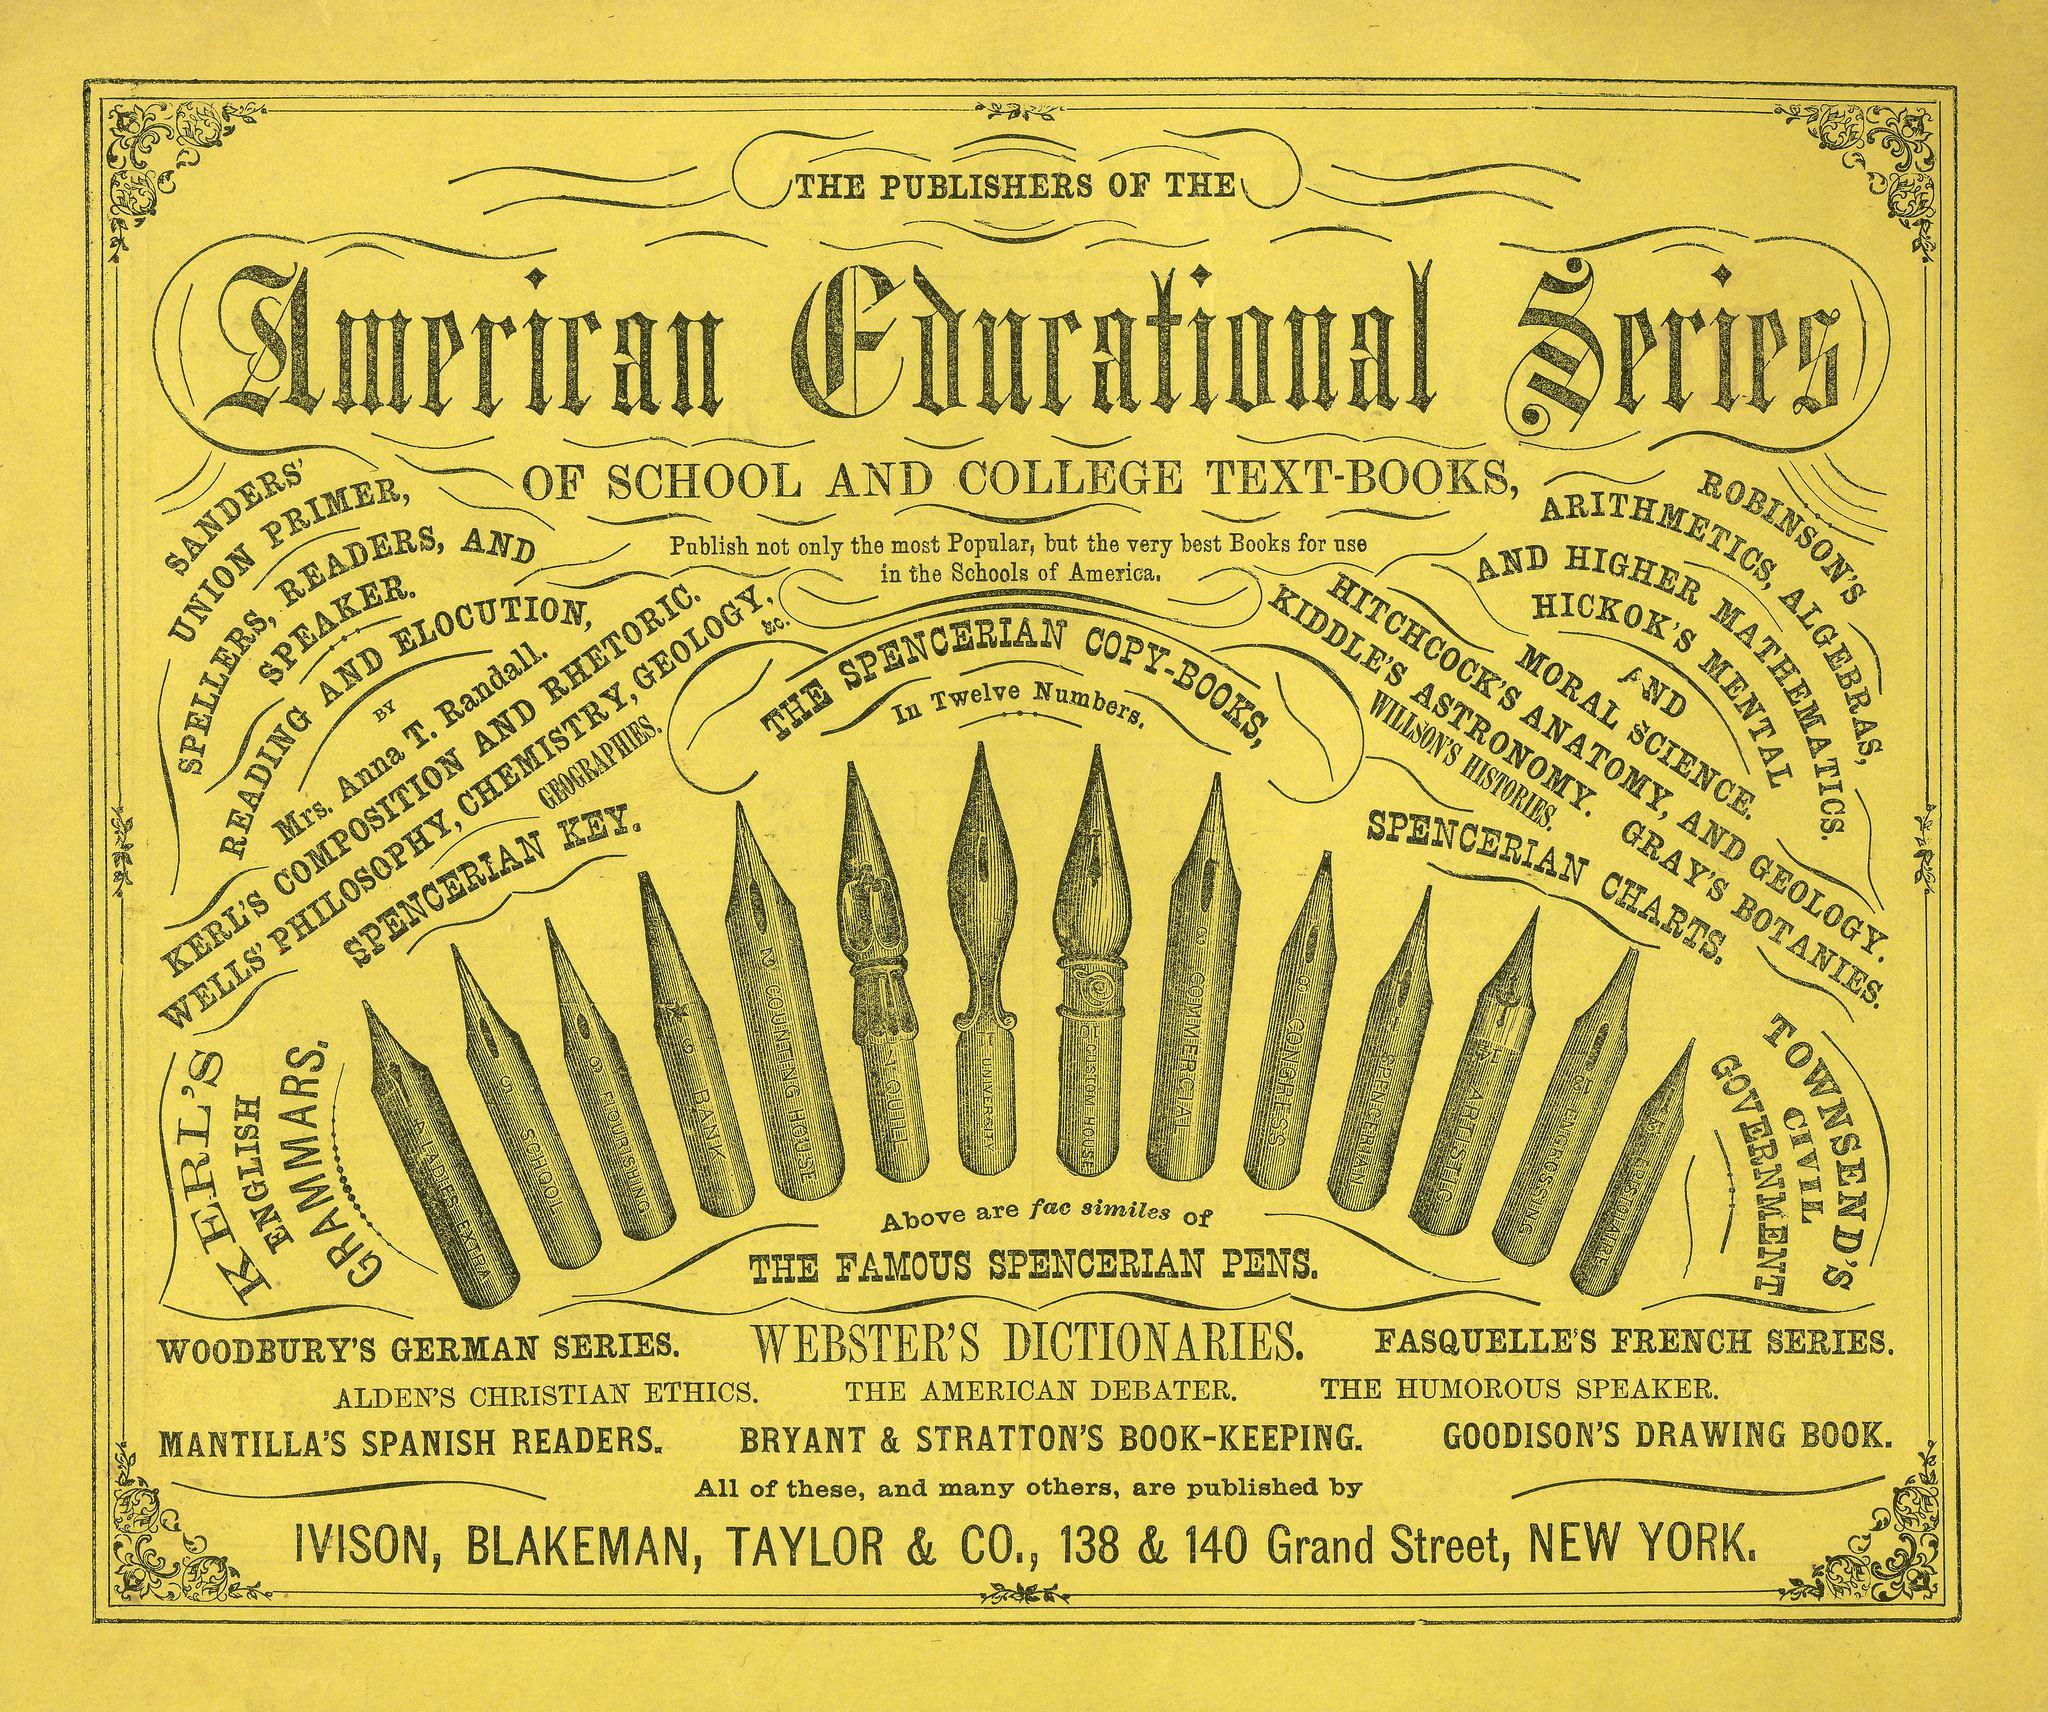 Spencerian Penmanship, c1864